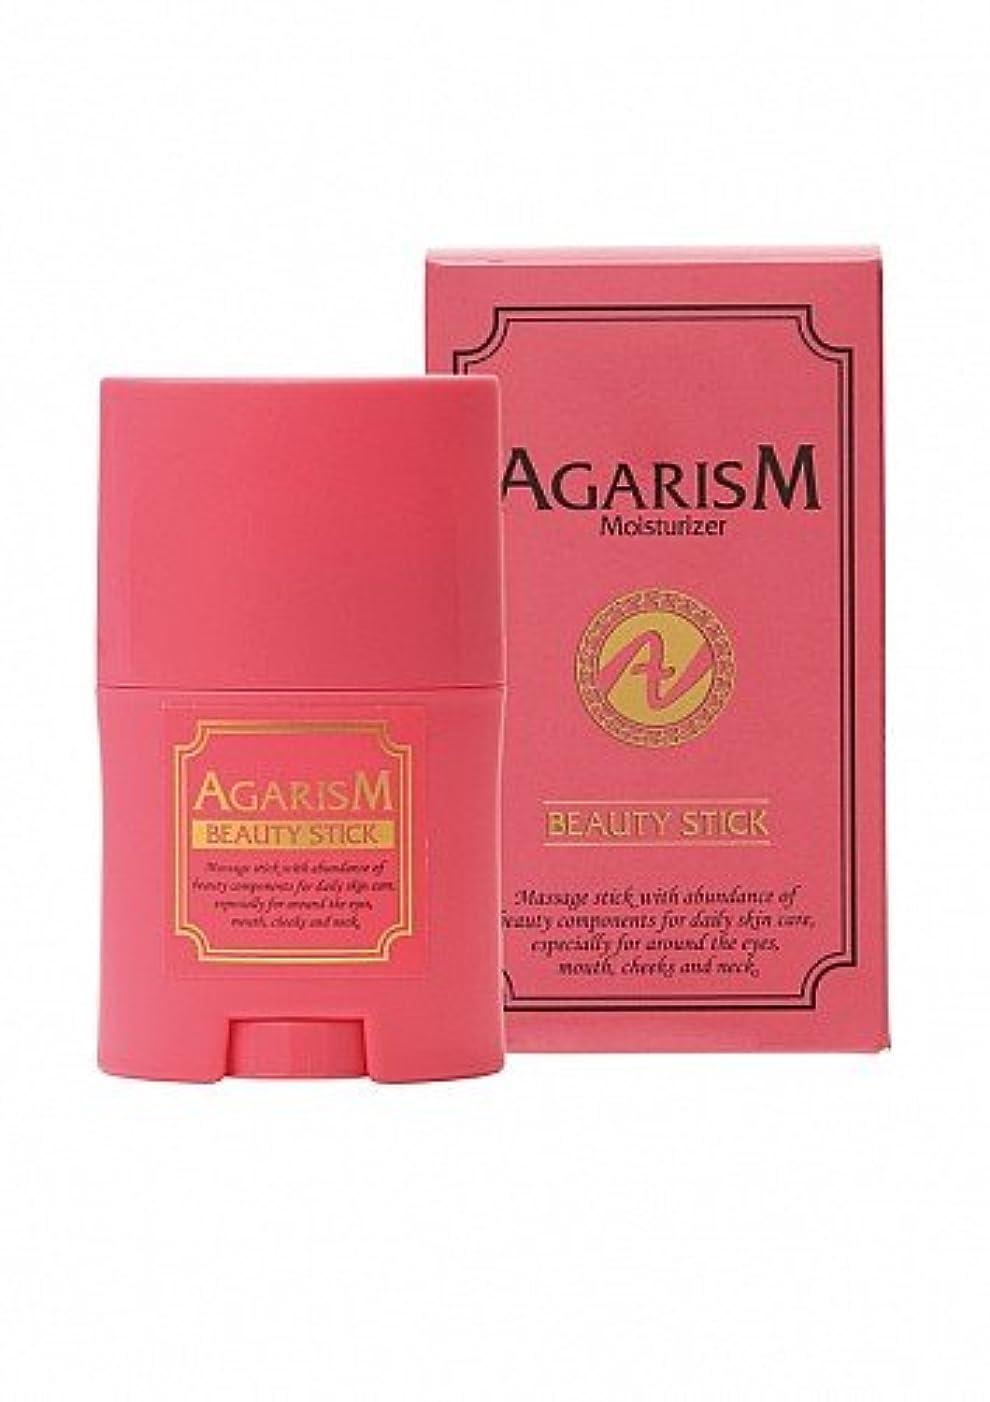 からに変化する喪貫通するAGARISM モイスチャライザー アガリズム 小顔ローラー 美容クリーム むくみ防止 保湿 引き締め成分 天然オイル配合